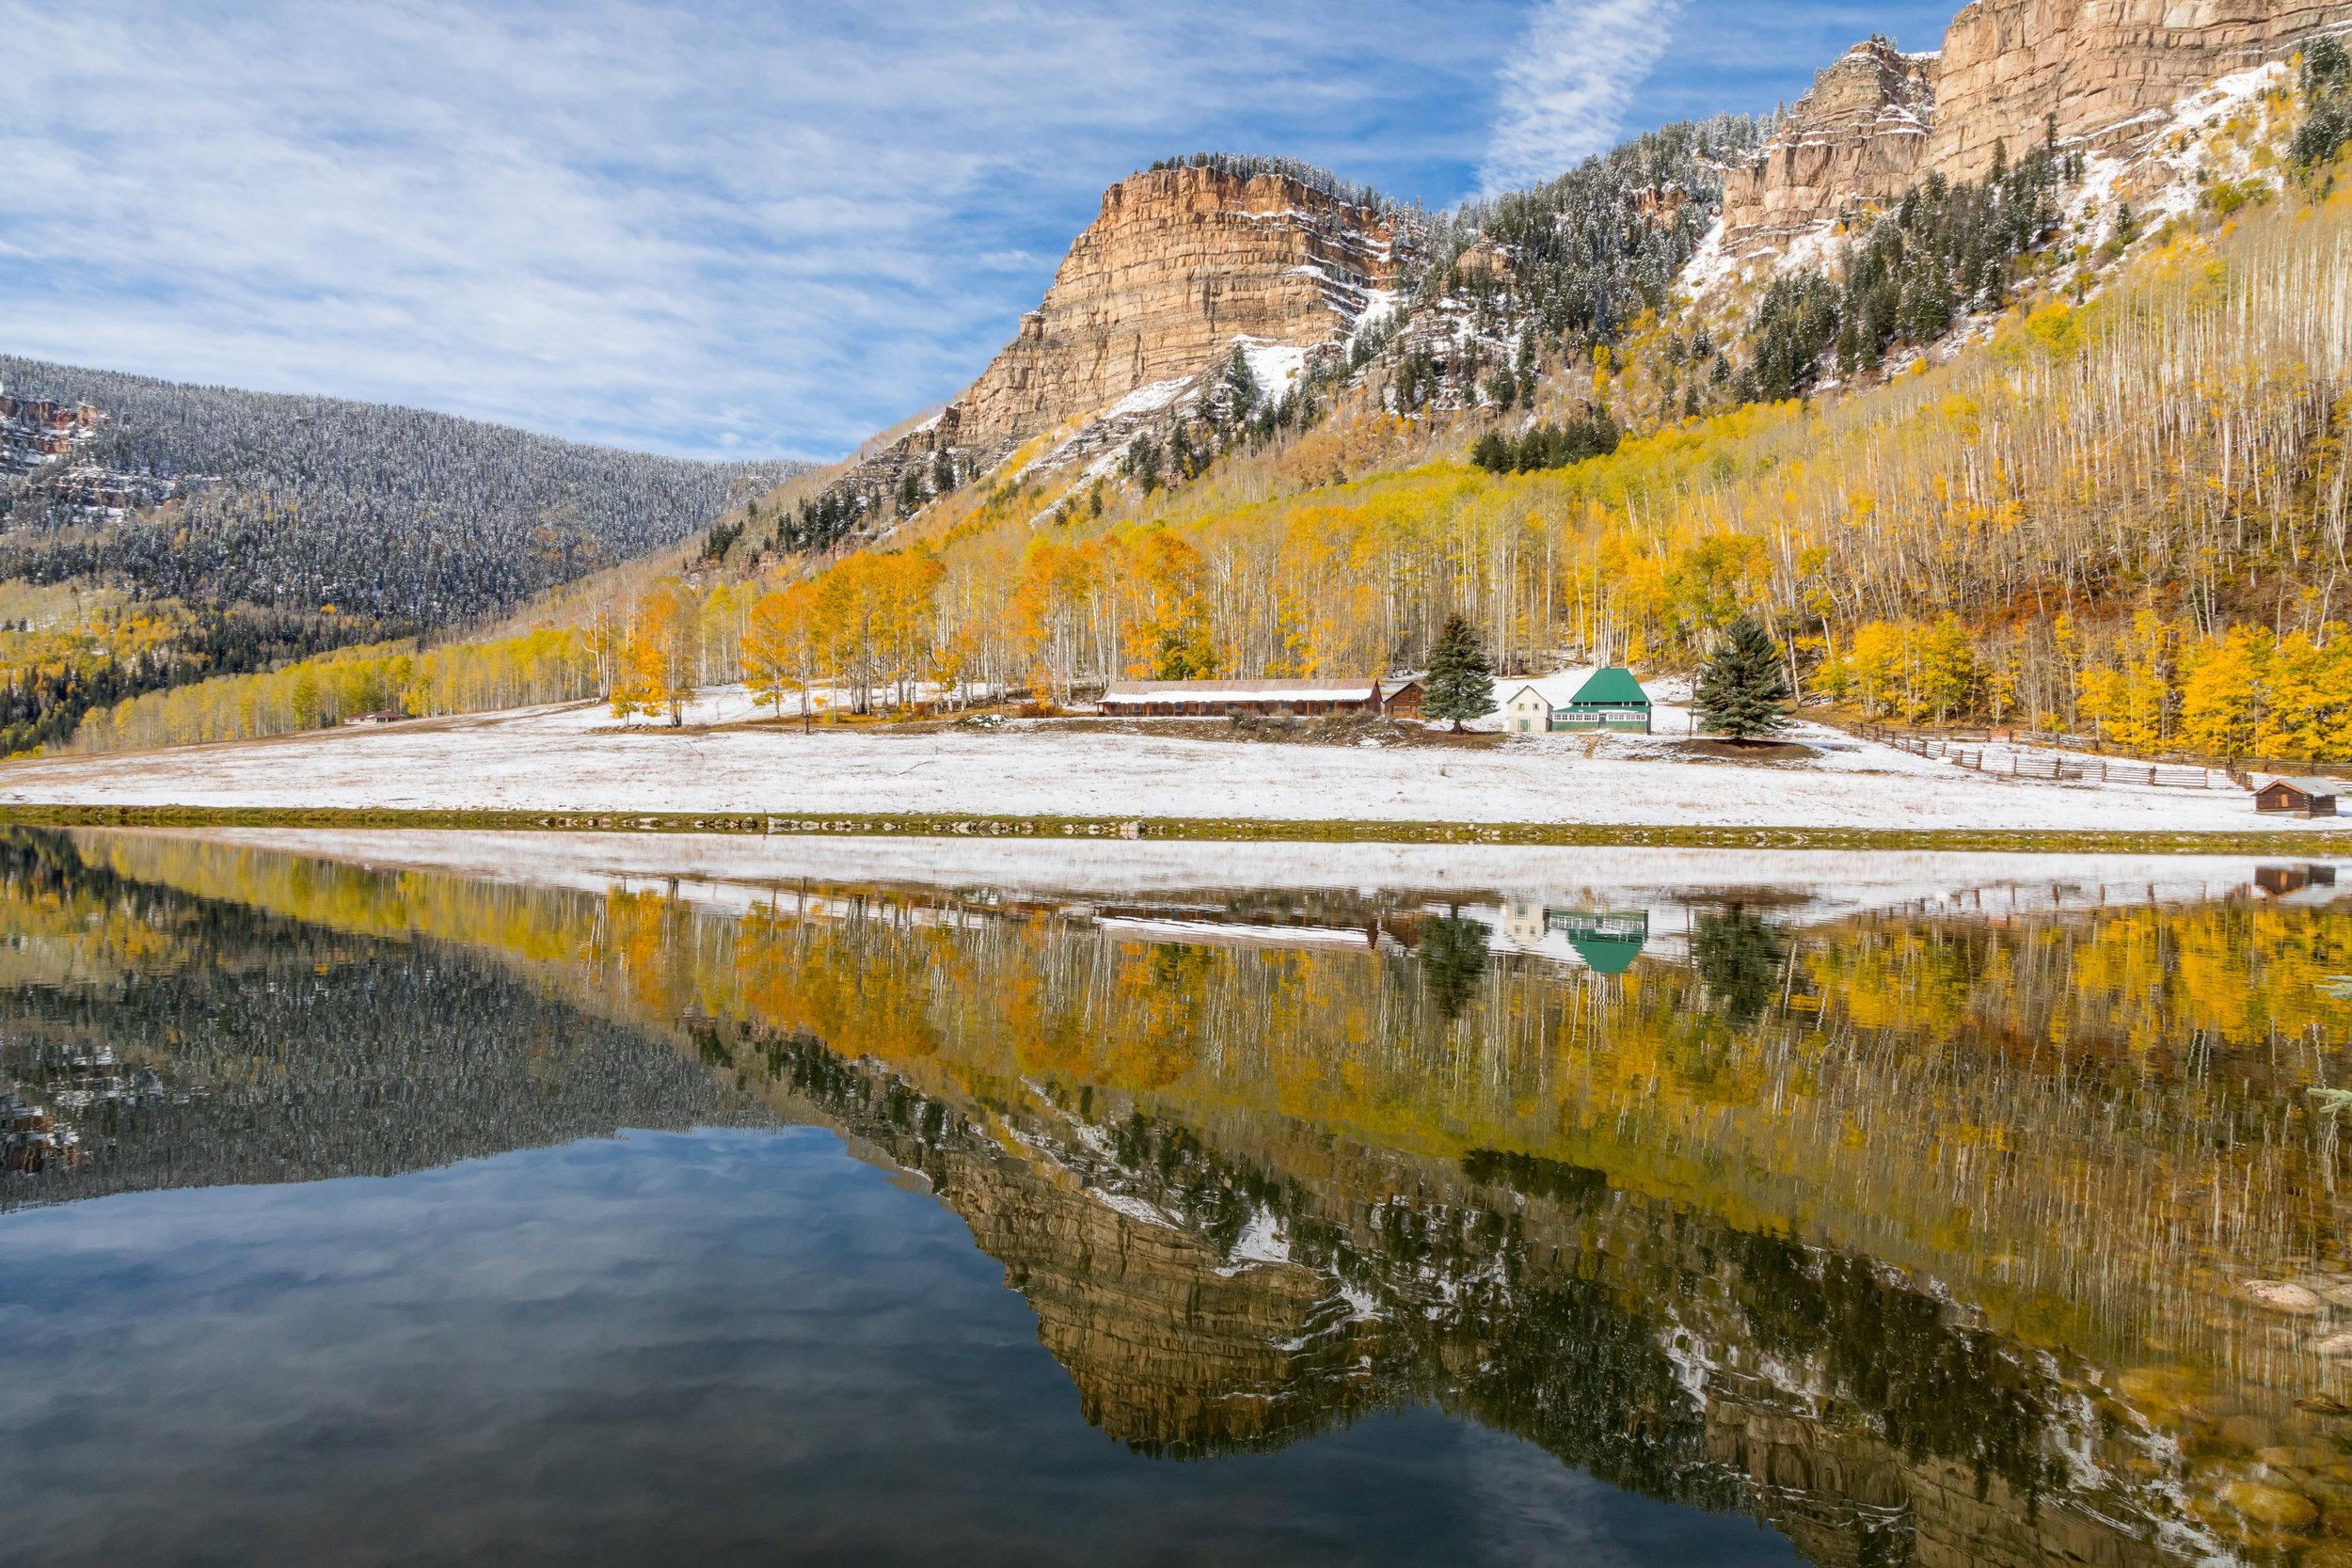 Hotter Pond, Image # 9685